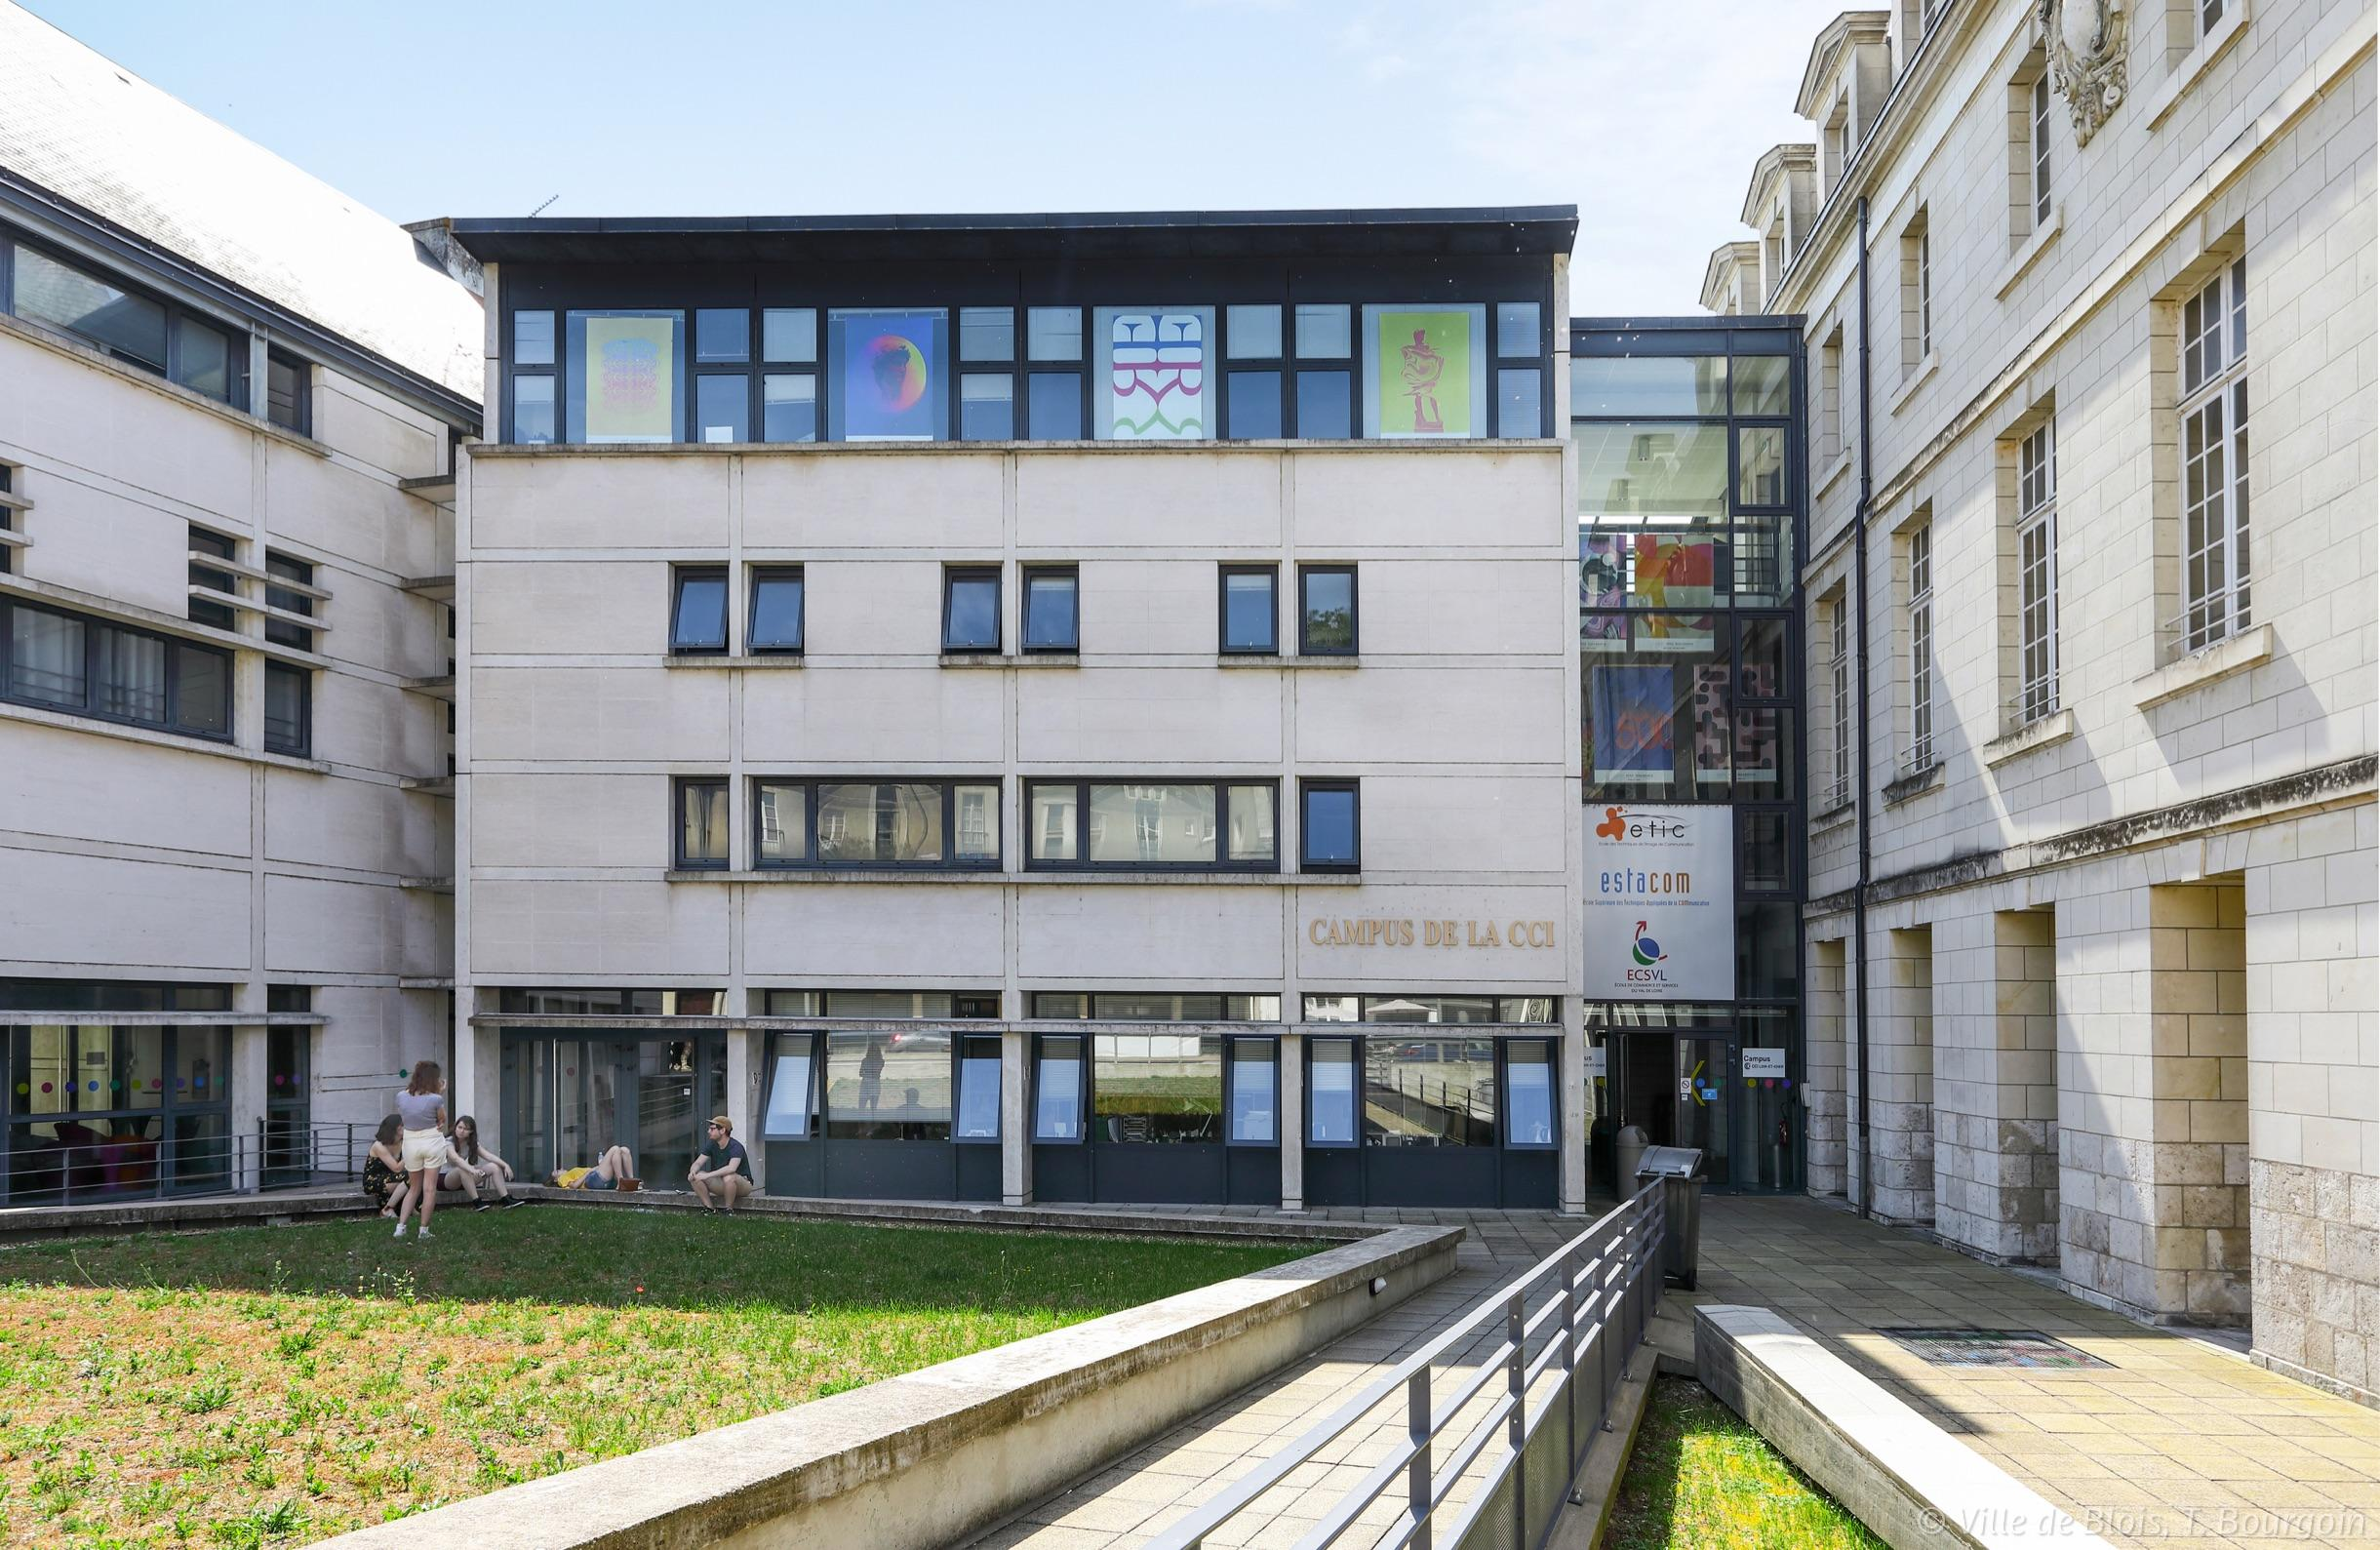 Façade du campus de la chambre de Commerce et d'Industrie, avec une pelouse occupée par plusieurs étudiantes et étudiants.